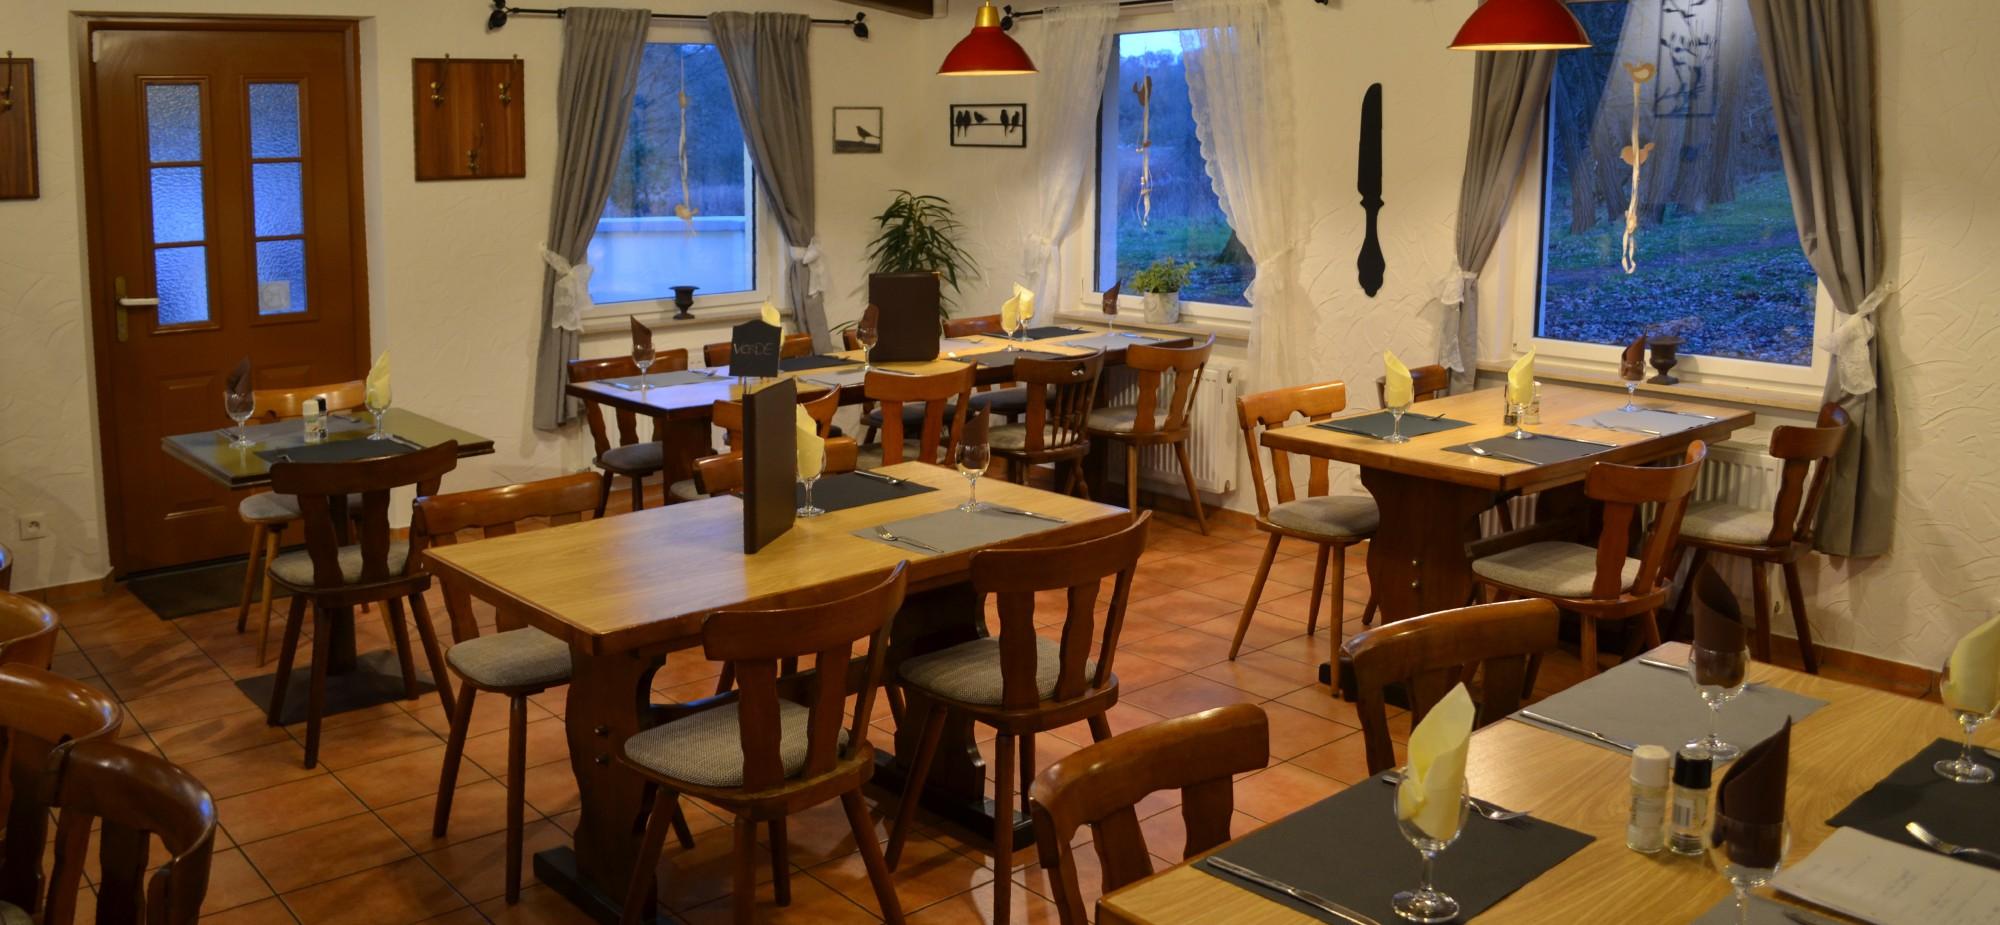 Restaurant-Schmuggelbud-Überherrn-Nebenraum-Gesellschaft